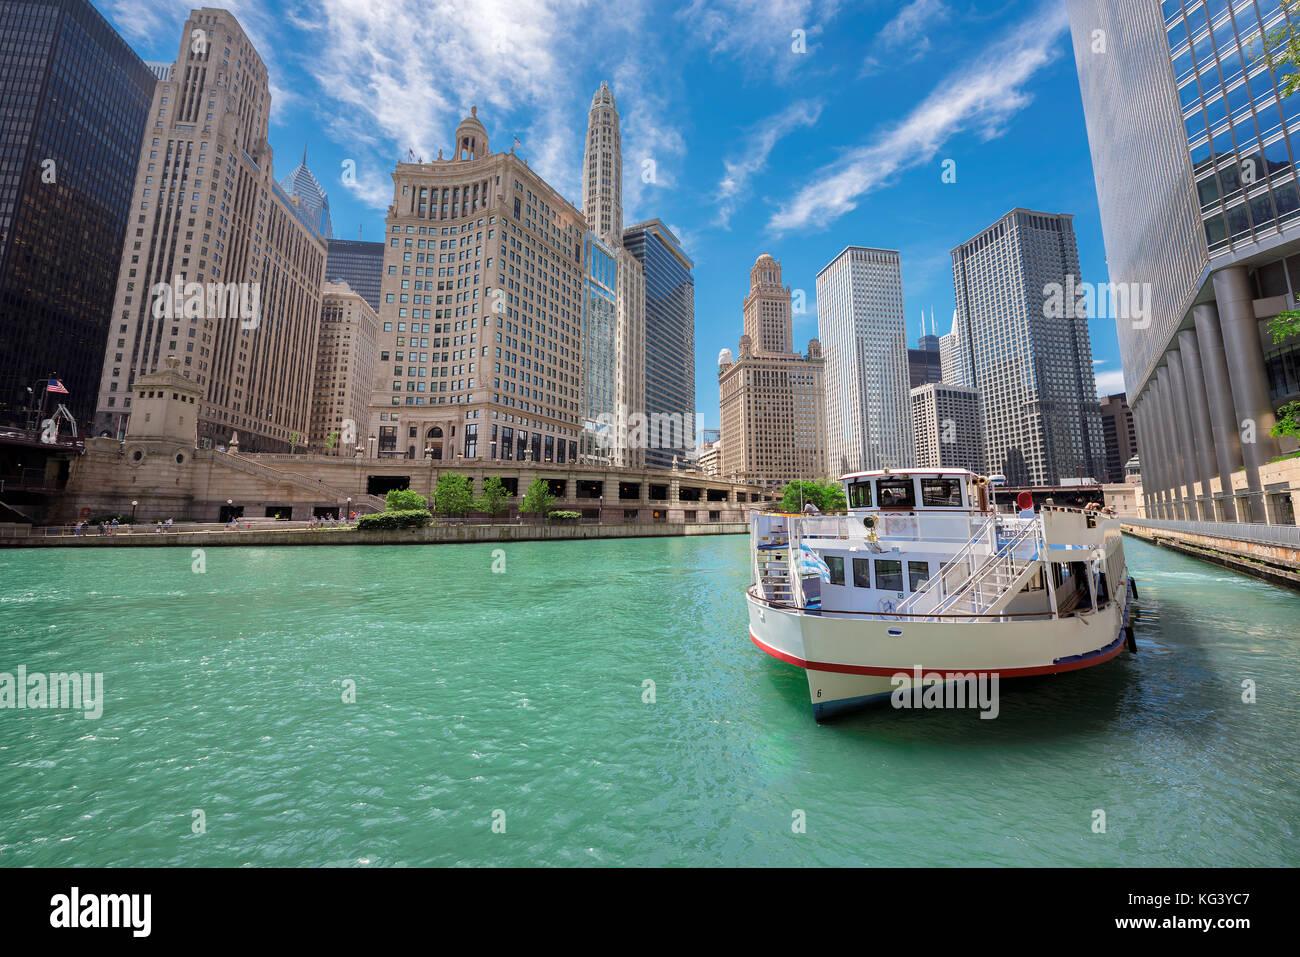 Los turistas en bote río chicago Imagen De Stock